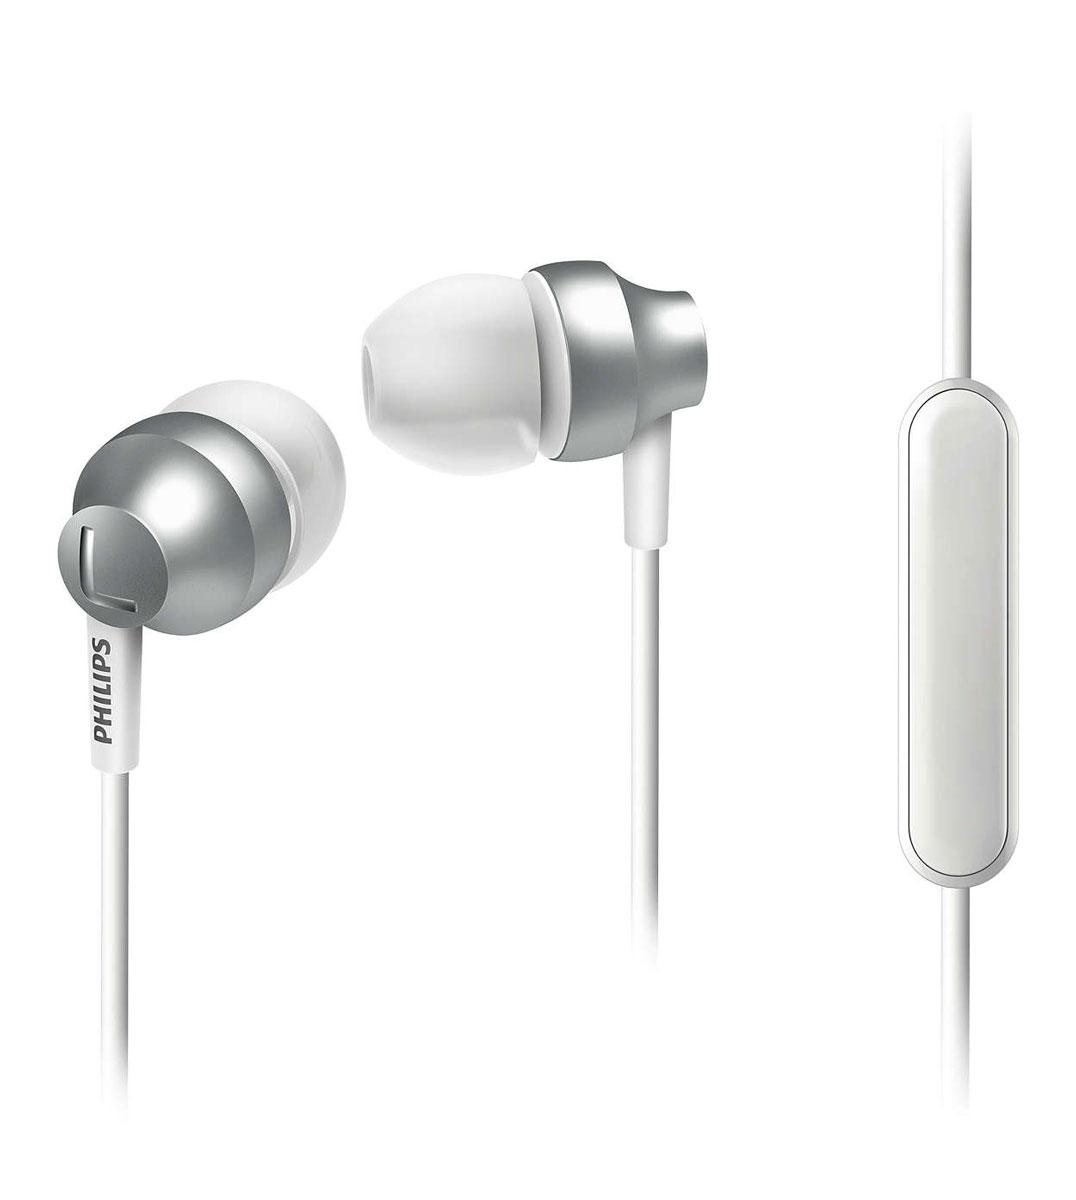 Philips SHE3855SL/00 наушникиSHE3855SL/00Стильные и удобные наушники-вкпадыши Philips Chromz (SHE3855) с превосходным дизайном обеспечивают воспроизведение насыщенных басов. Цвета матовой отделки, выполненной методом вакуумной металлизации, соответствуют цветам iPhone 6s. В комплект входят насадки 3 размеров (маленькие, средние и большие), чтобы вы могли выбрать подходящий вариант для себя. Благодаря встроенному микрофону можно легко переключаться между режимами разговора и прослушивания музыки, чтобы всегда оставаться на связи. Качественная матовая отделка, выполненная методом вакуумной металлизации, обеспечивает дополнительную защиту. Эргономичная овальная звуковая трубка обеспечивает максимально комфортную посадку, подстраиваясь под форму уха. Ультракомпактные наушники с удобной посадкой полностью заполняют ушную раковину и заглушают внешние звуки. Компактные наушники-вкладыши Philips Chromz (SHE3855) с удобной посадкой и мощными...